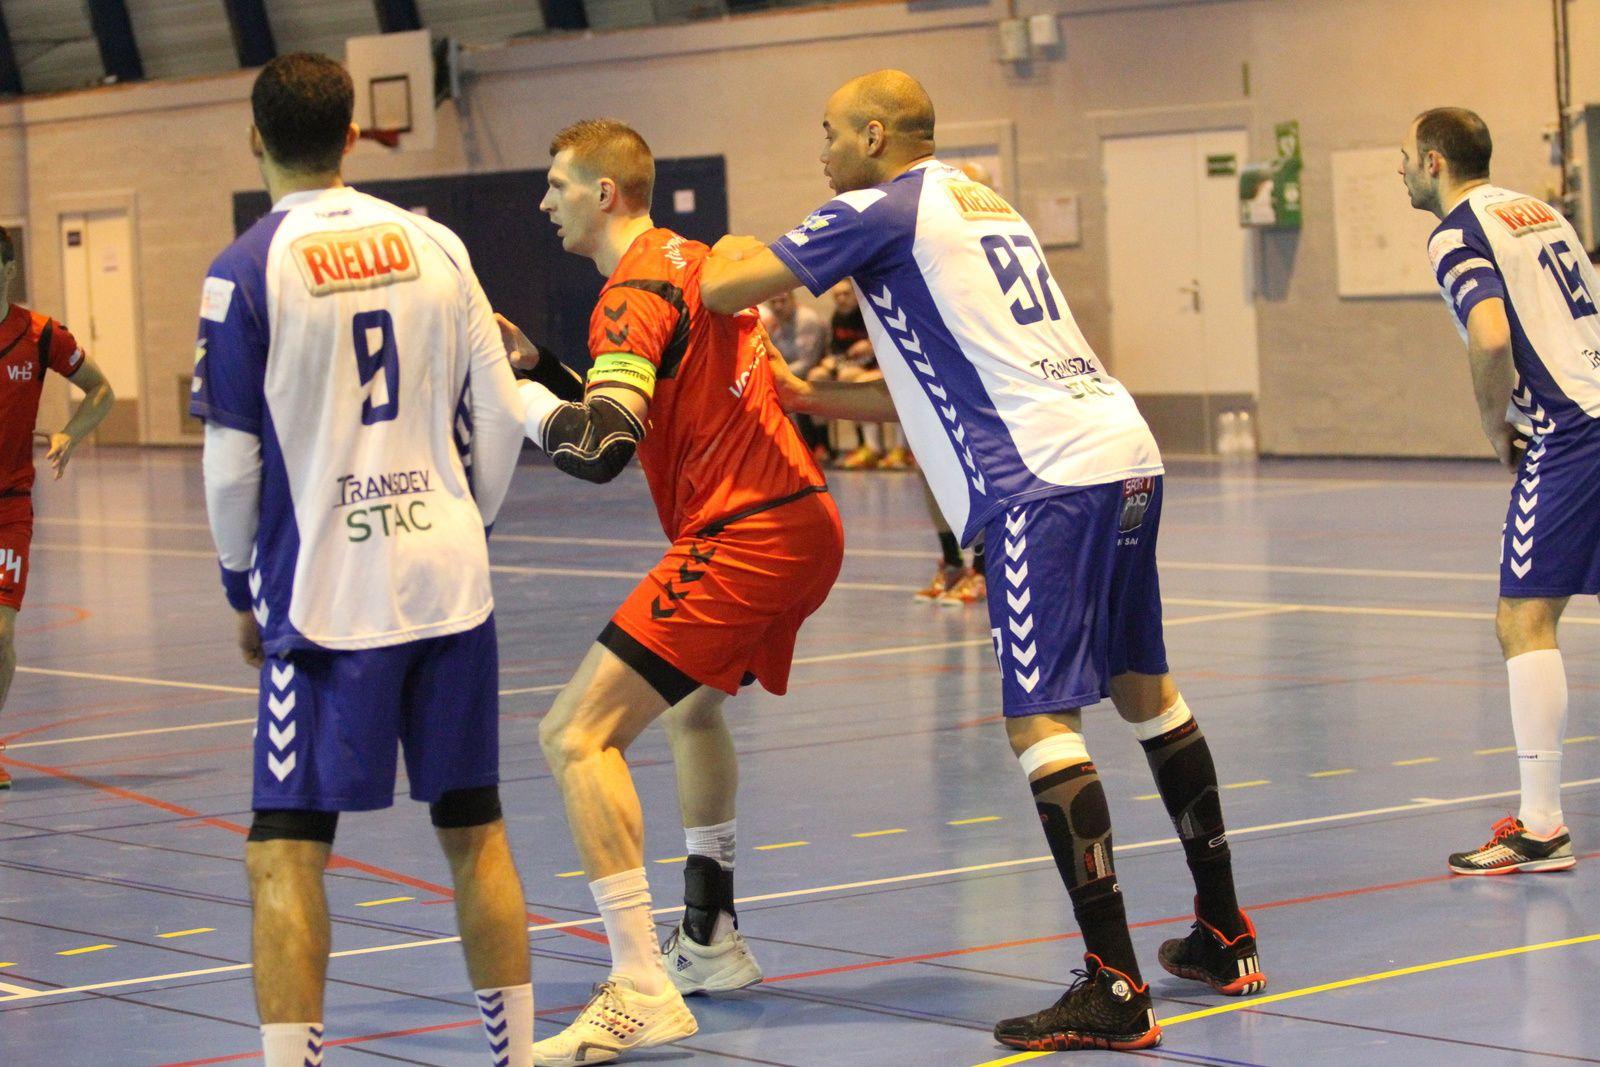 Capables du pire mais aussi du meilleur, Vénissieux Handball acrroche à son tableau de chasse, un top 3 de la poule de N2.